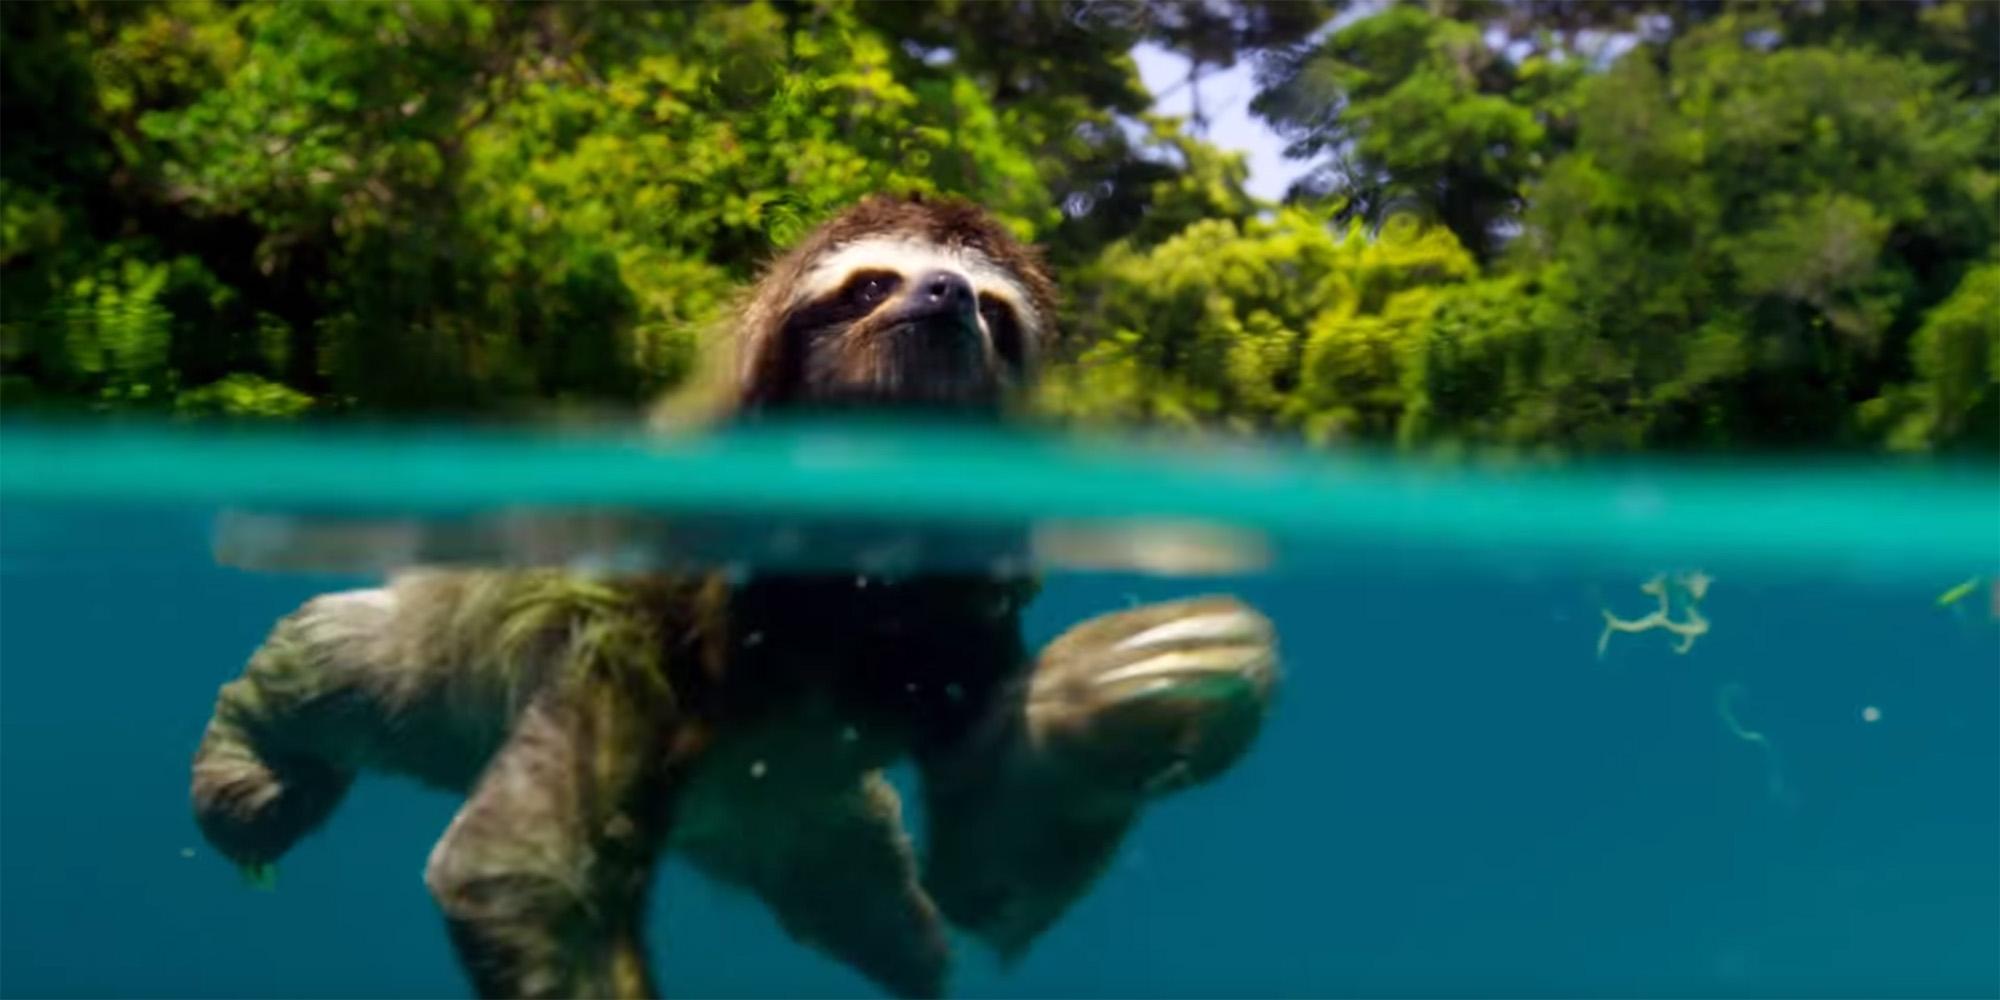 Ein schwimmendes Faultier. Allein dafür haben sich 10 Jahre Wartezeit gelohnt.